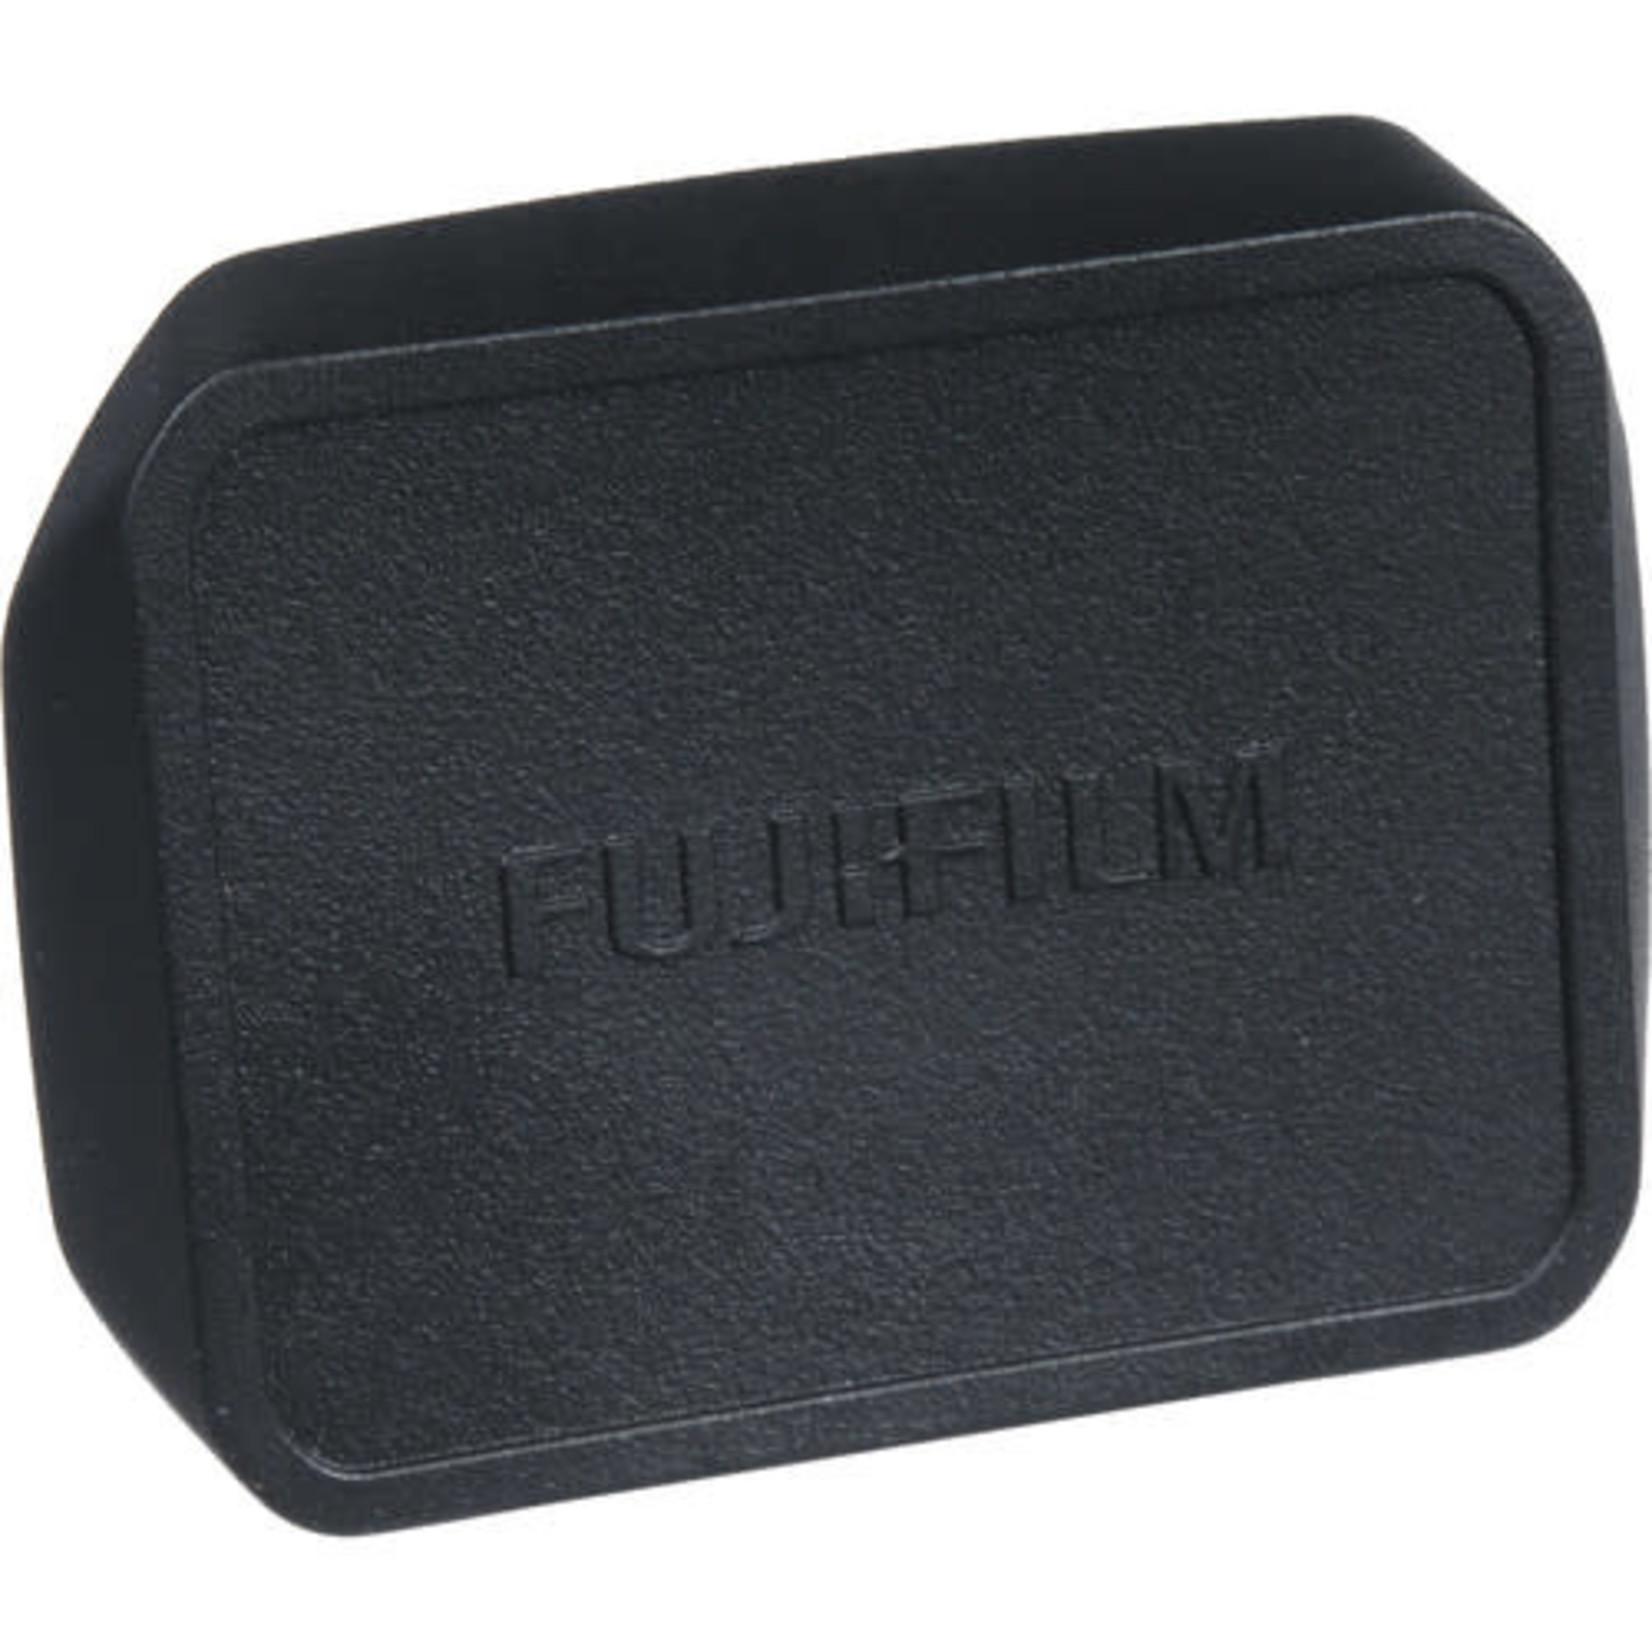 FujiFilm FUJIFILM LHCP-001 Lens Hood Cap for XF 18mm f/2 R